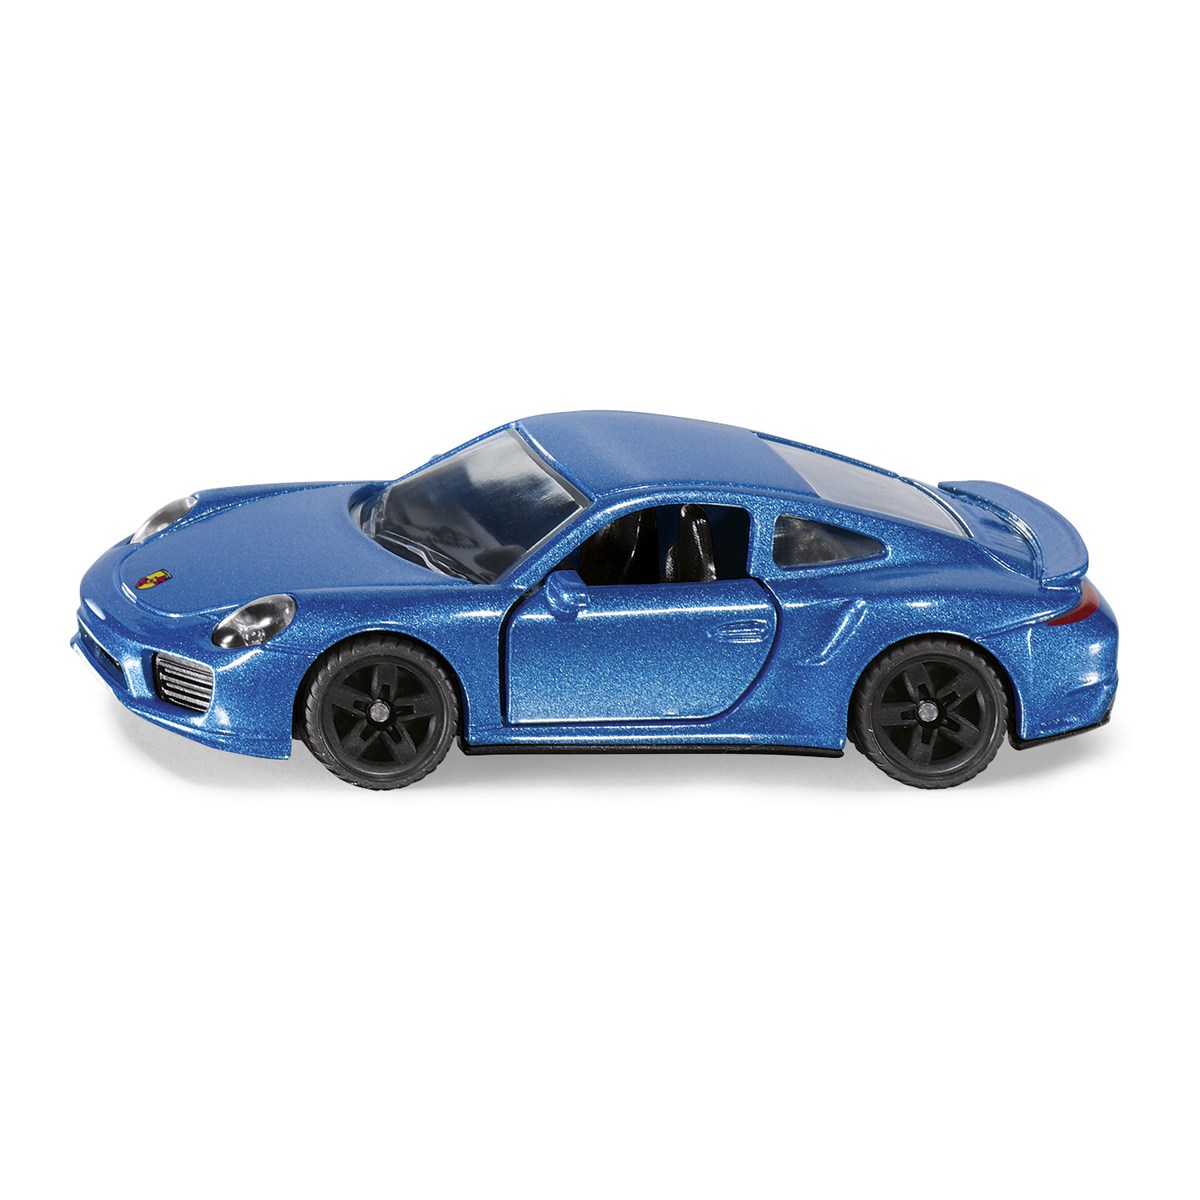 ポルシェ 911 Turbo S